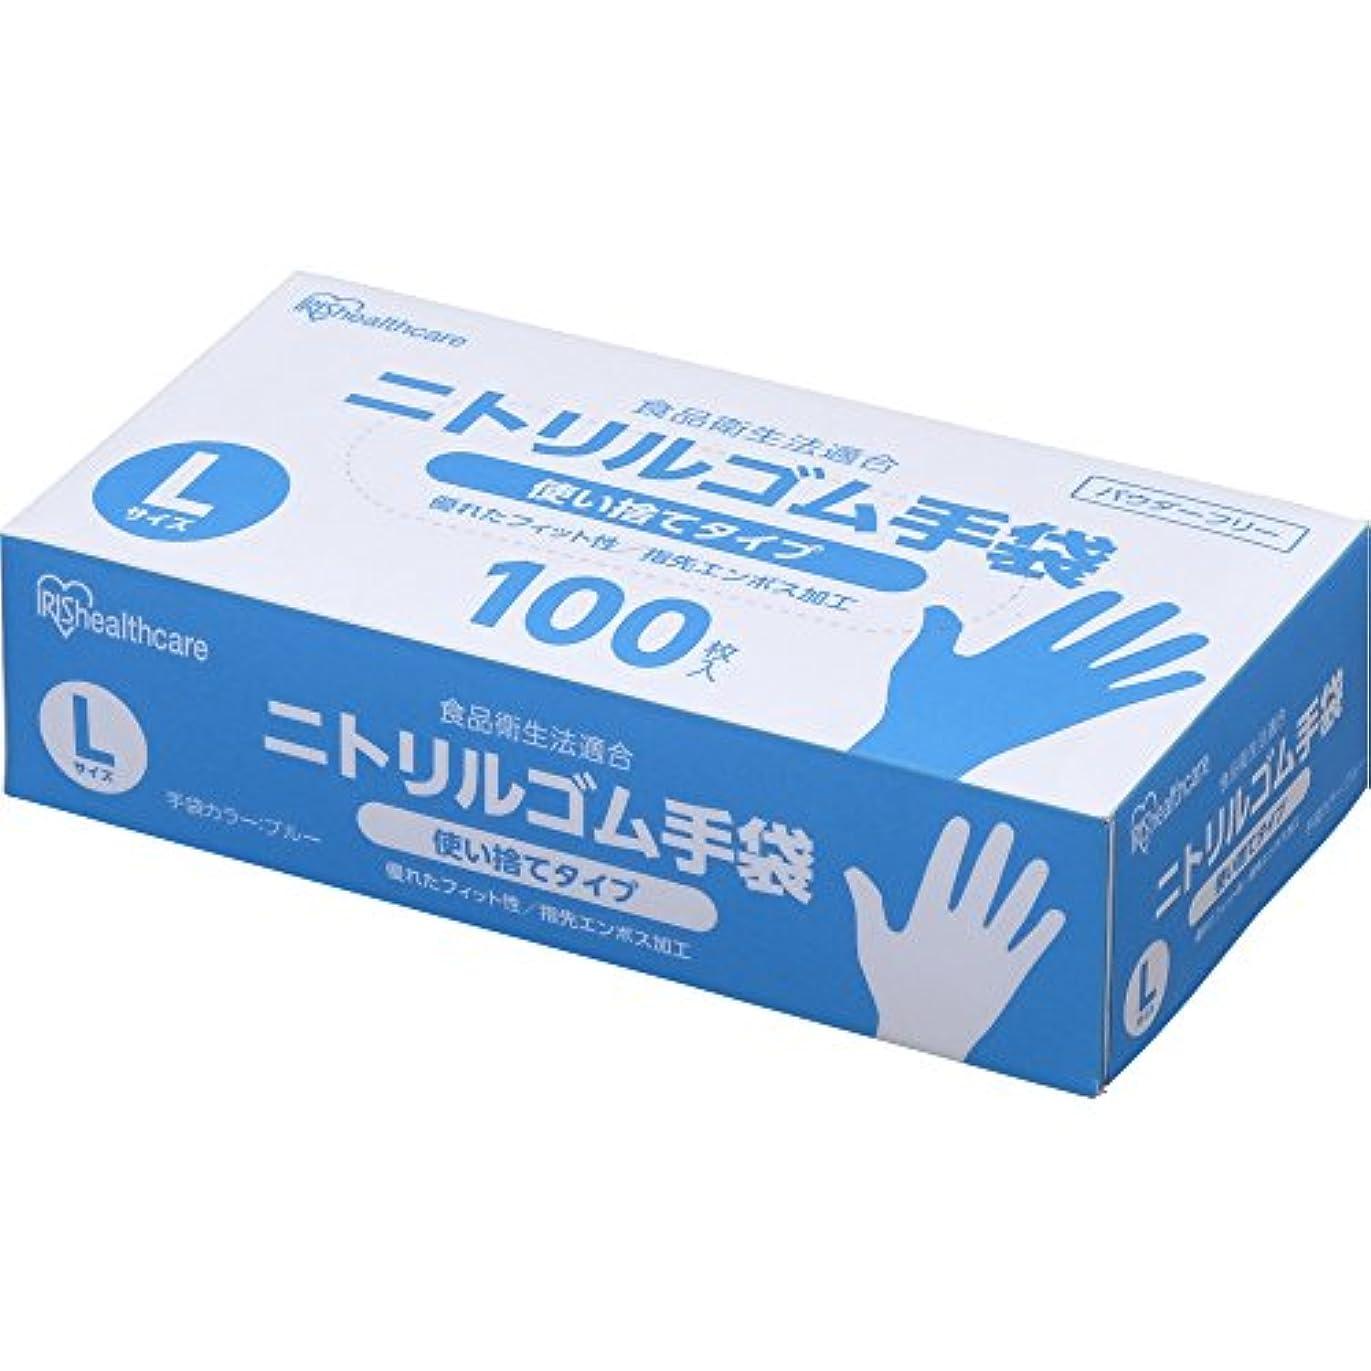 ロマンス目的失速アイリスオーヤマ 使い捨て手袋 ブルー ニトリルゴム 100枚 Lサイズ 業務用